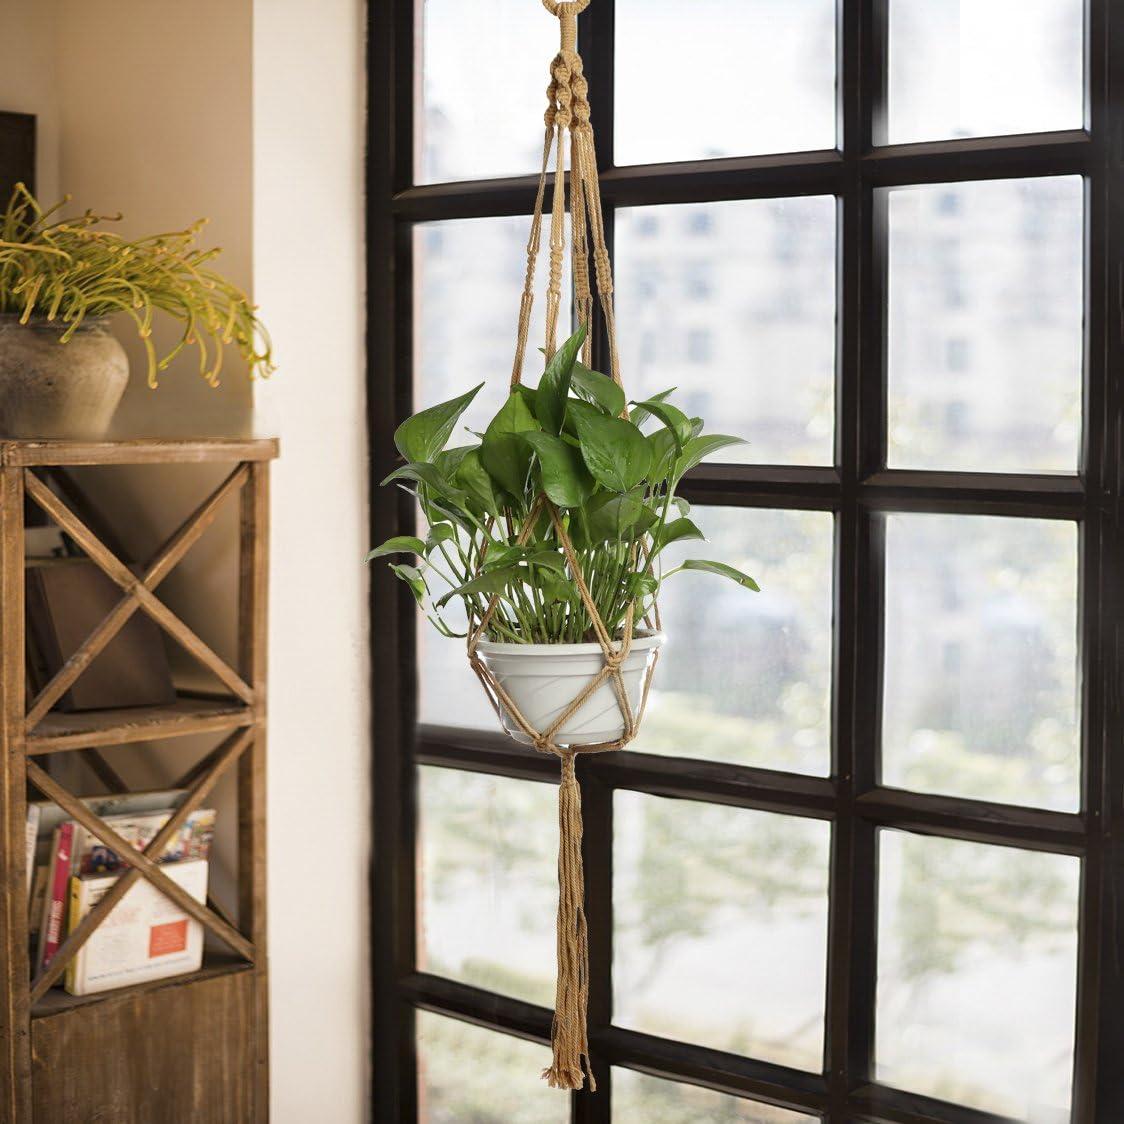 Jycra 2 pcs Plante macram/é Fleur de cintre paniers Pot de fleurs /à suspendre Corde en coton pour un int/érieur ou ext/érieur D/écor 40 inch //102cm gris